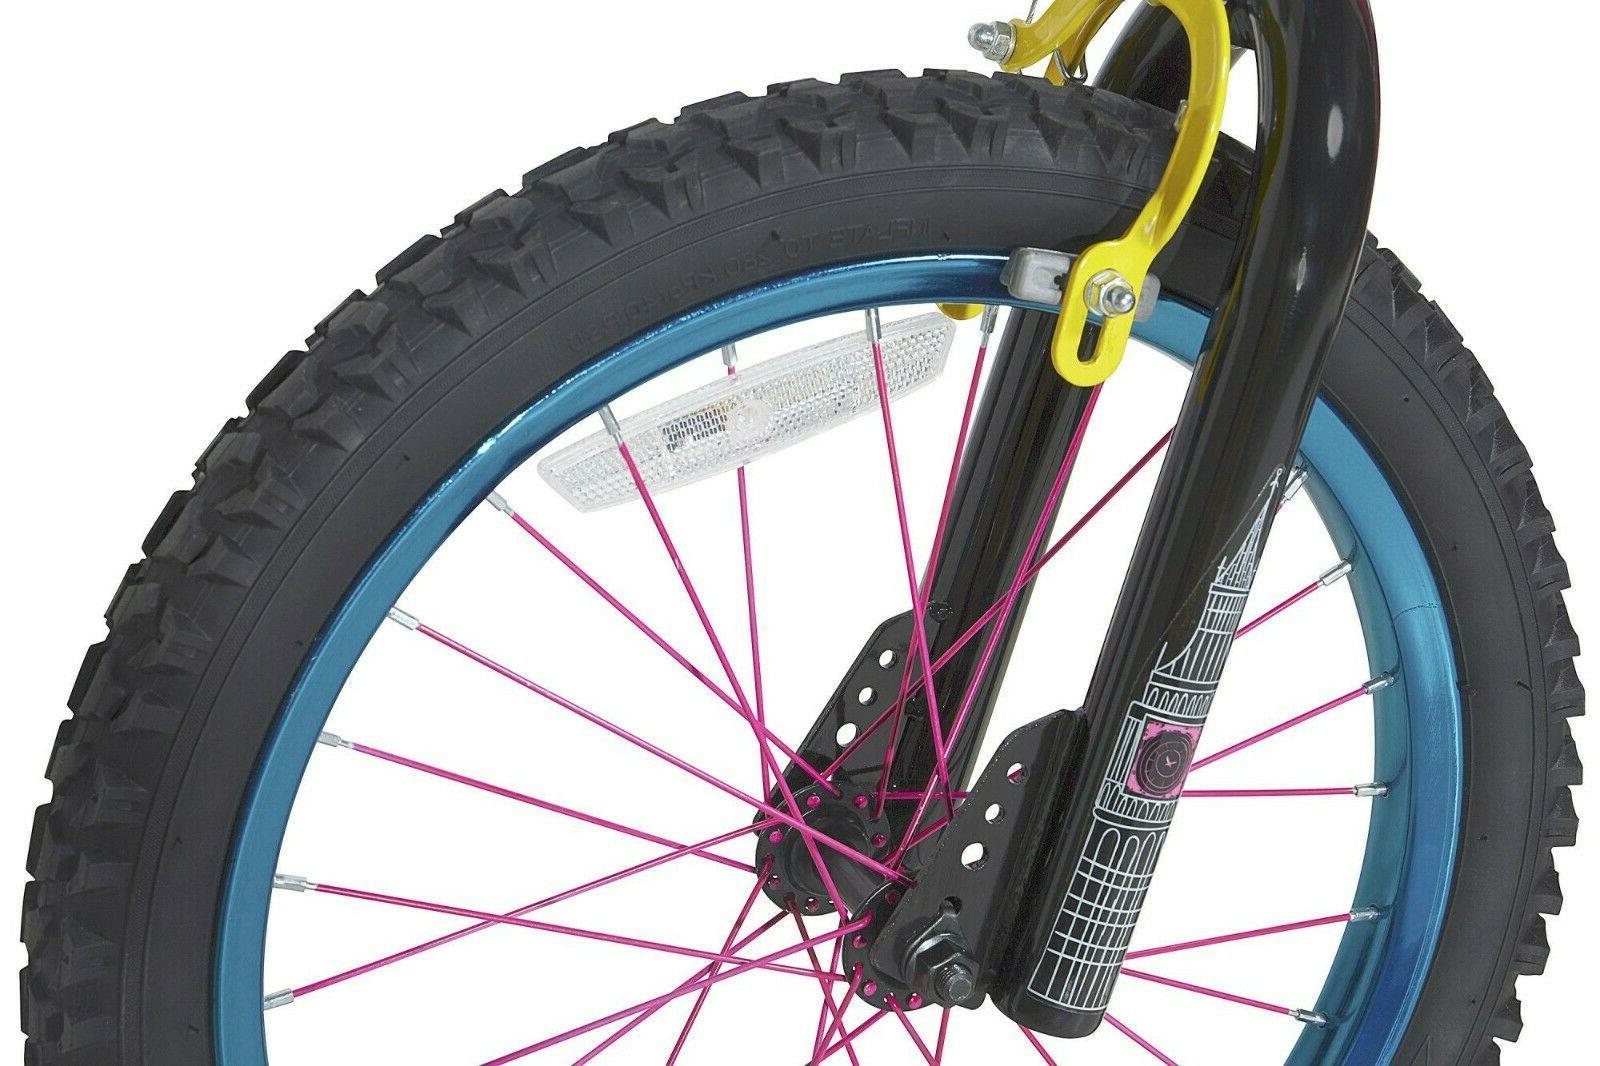 NEW Barbie Bike, Pink, Hand brakes, Wheels, Handlebar